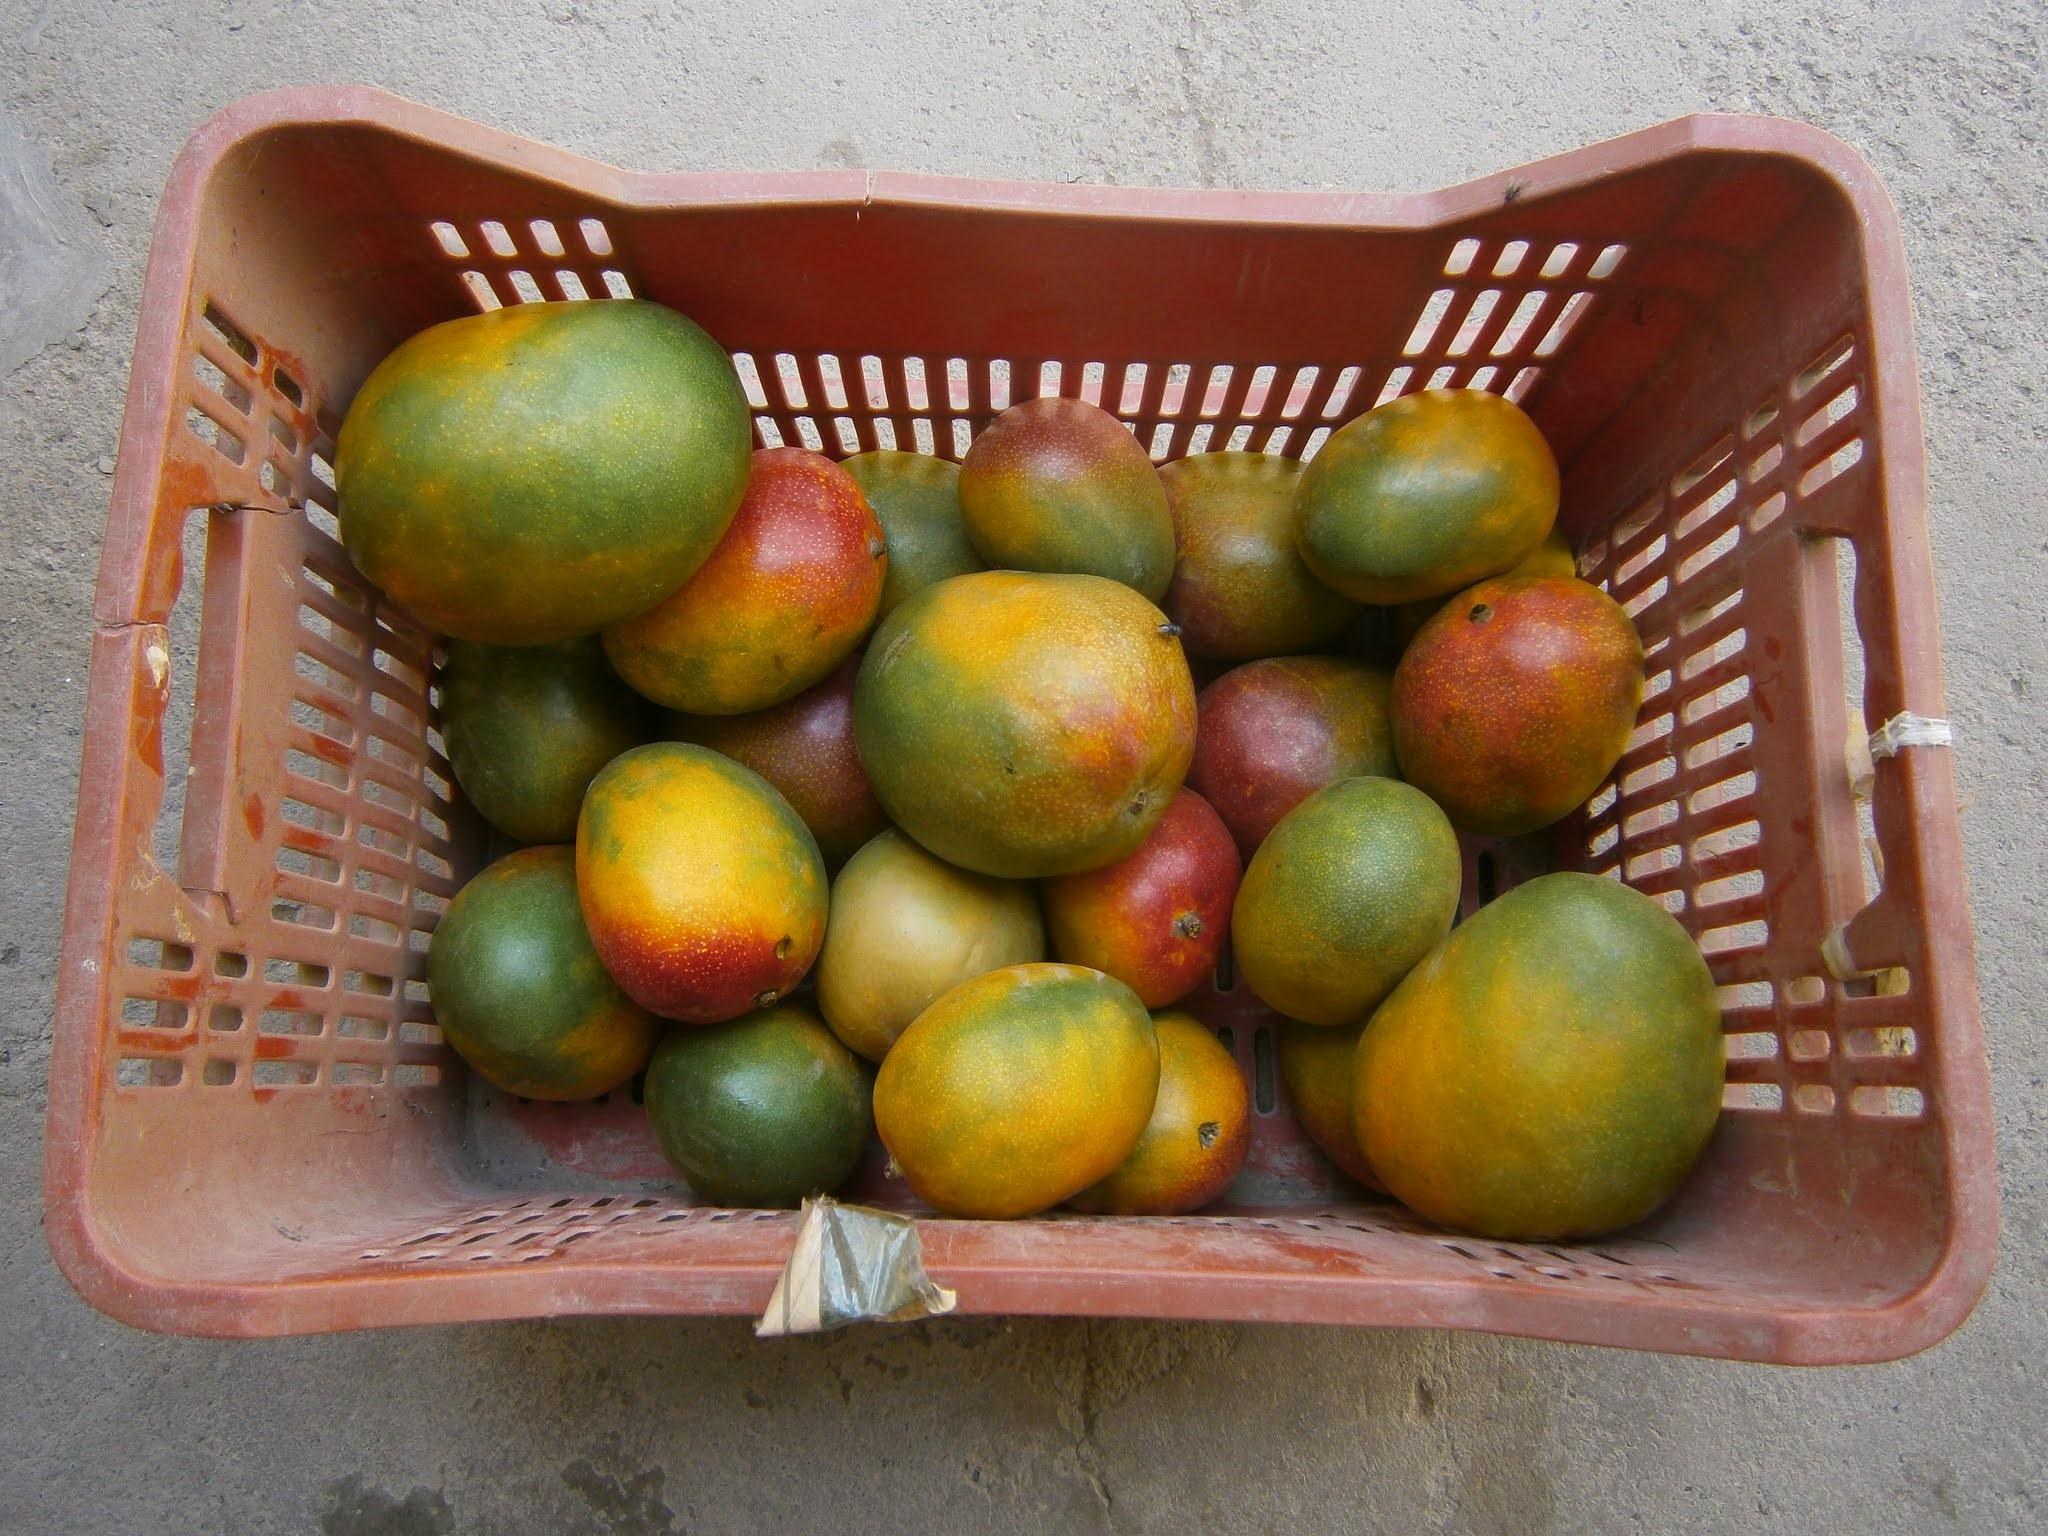 Caja de mangos frescos puestos sobre una caja de plastico